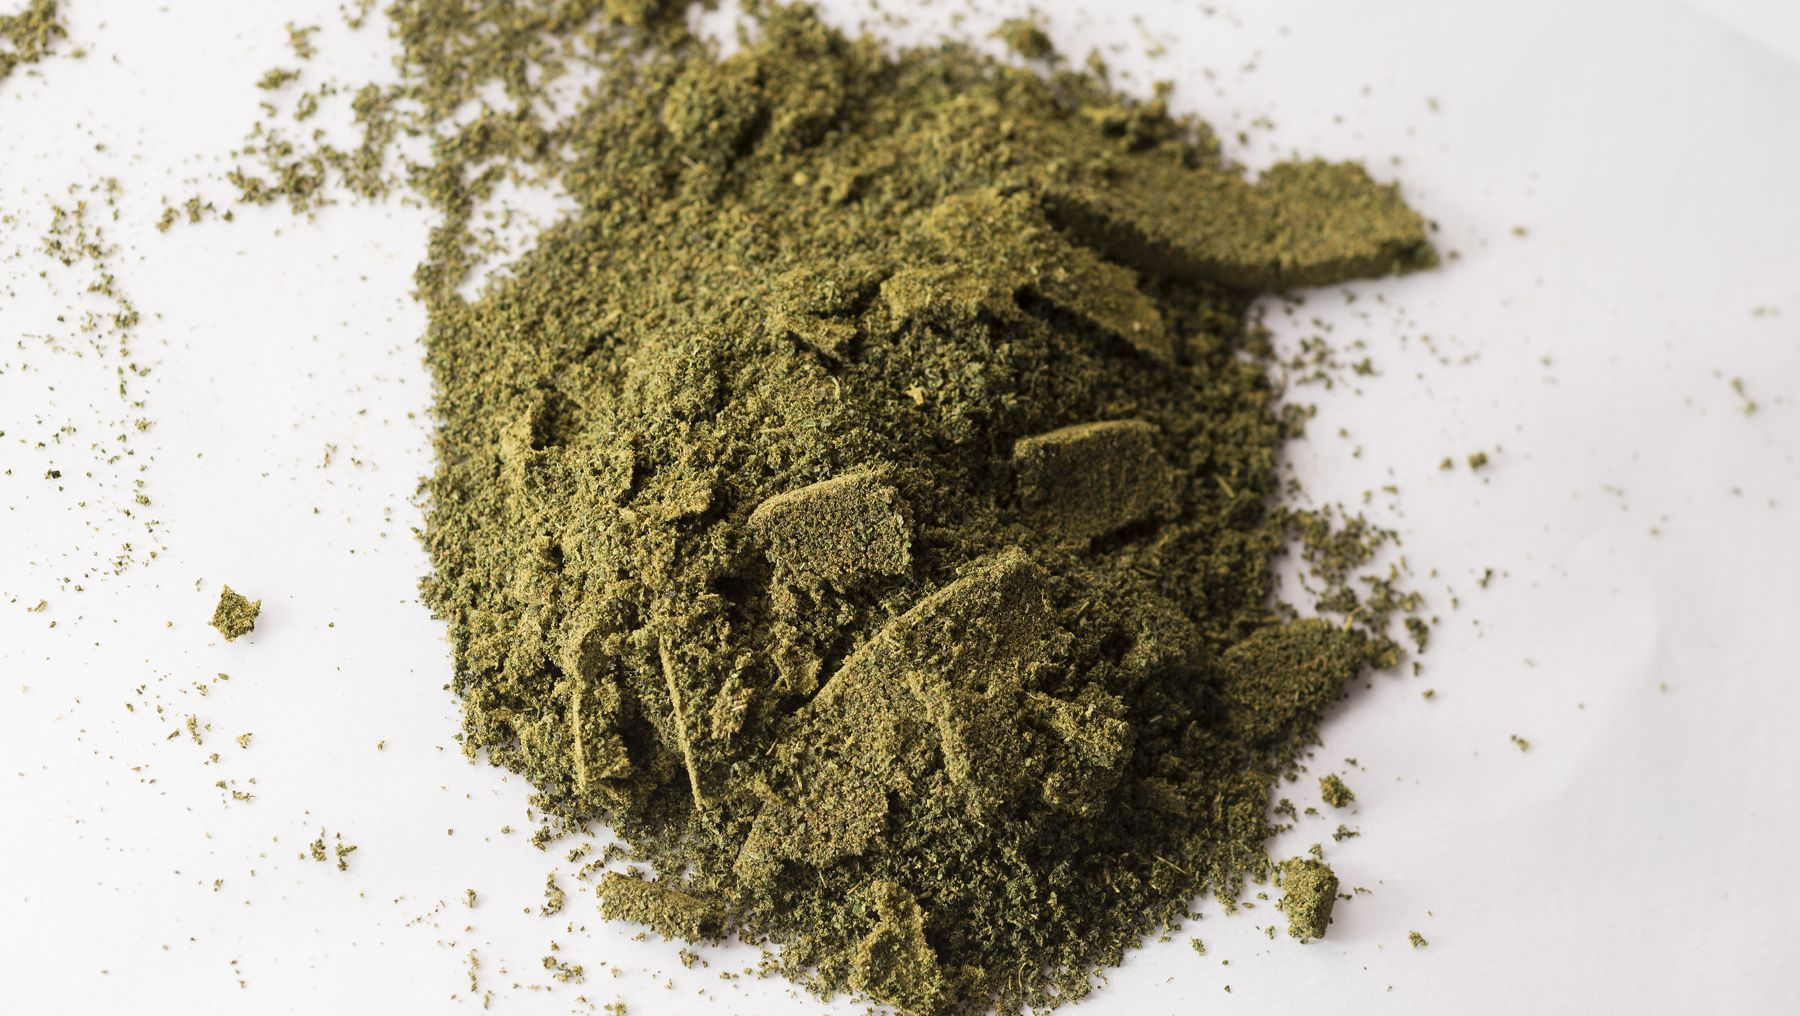 canna-flour